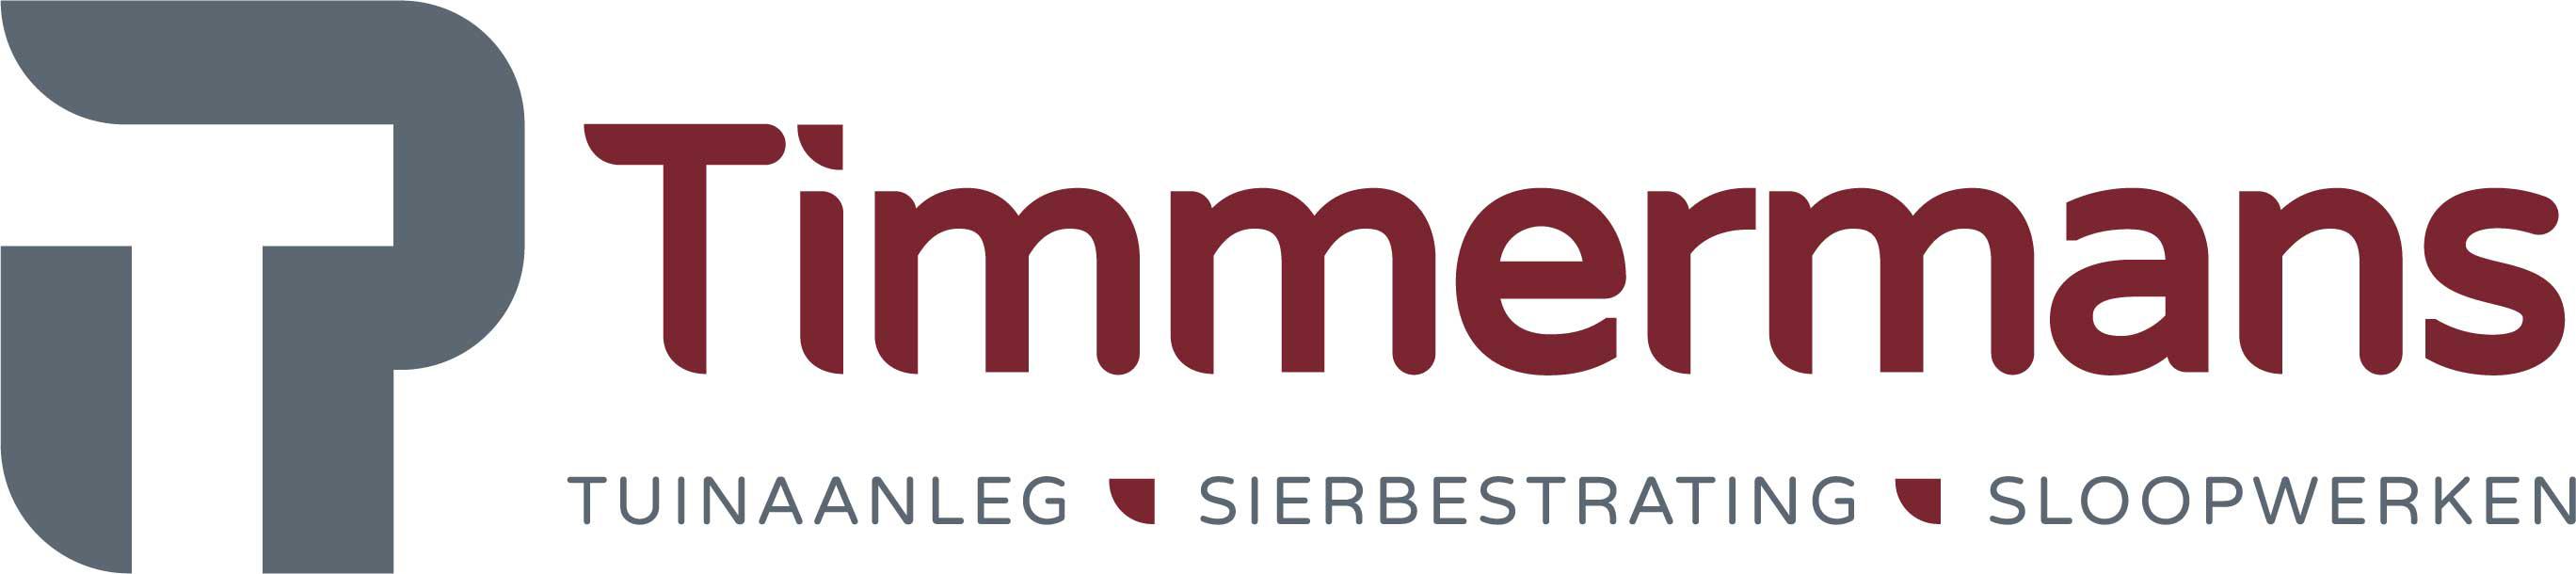 PTimmermans.net